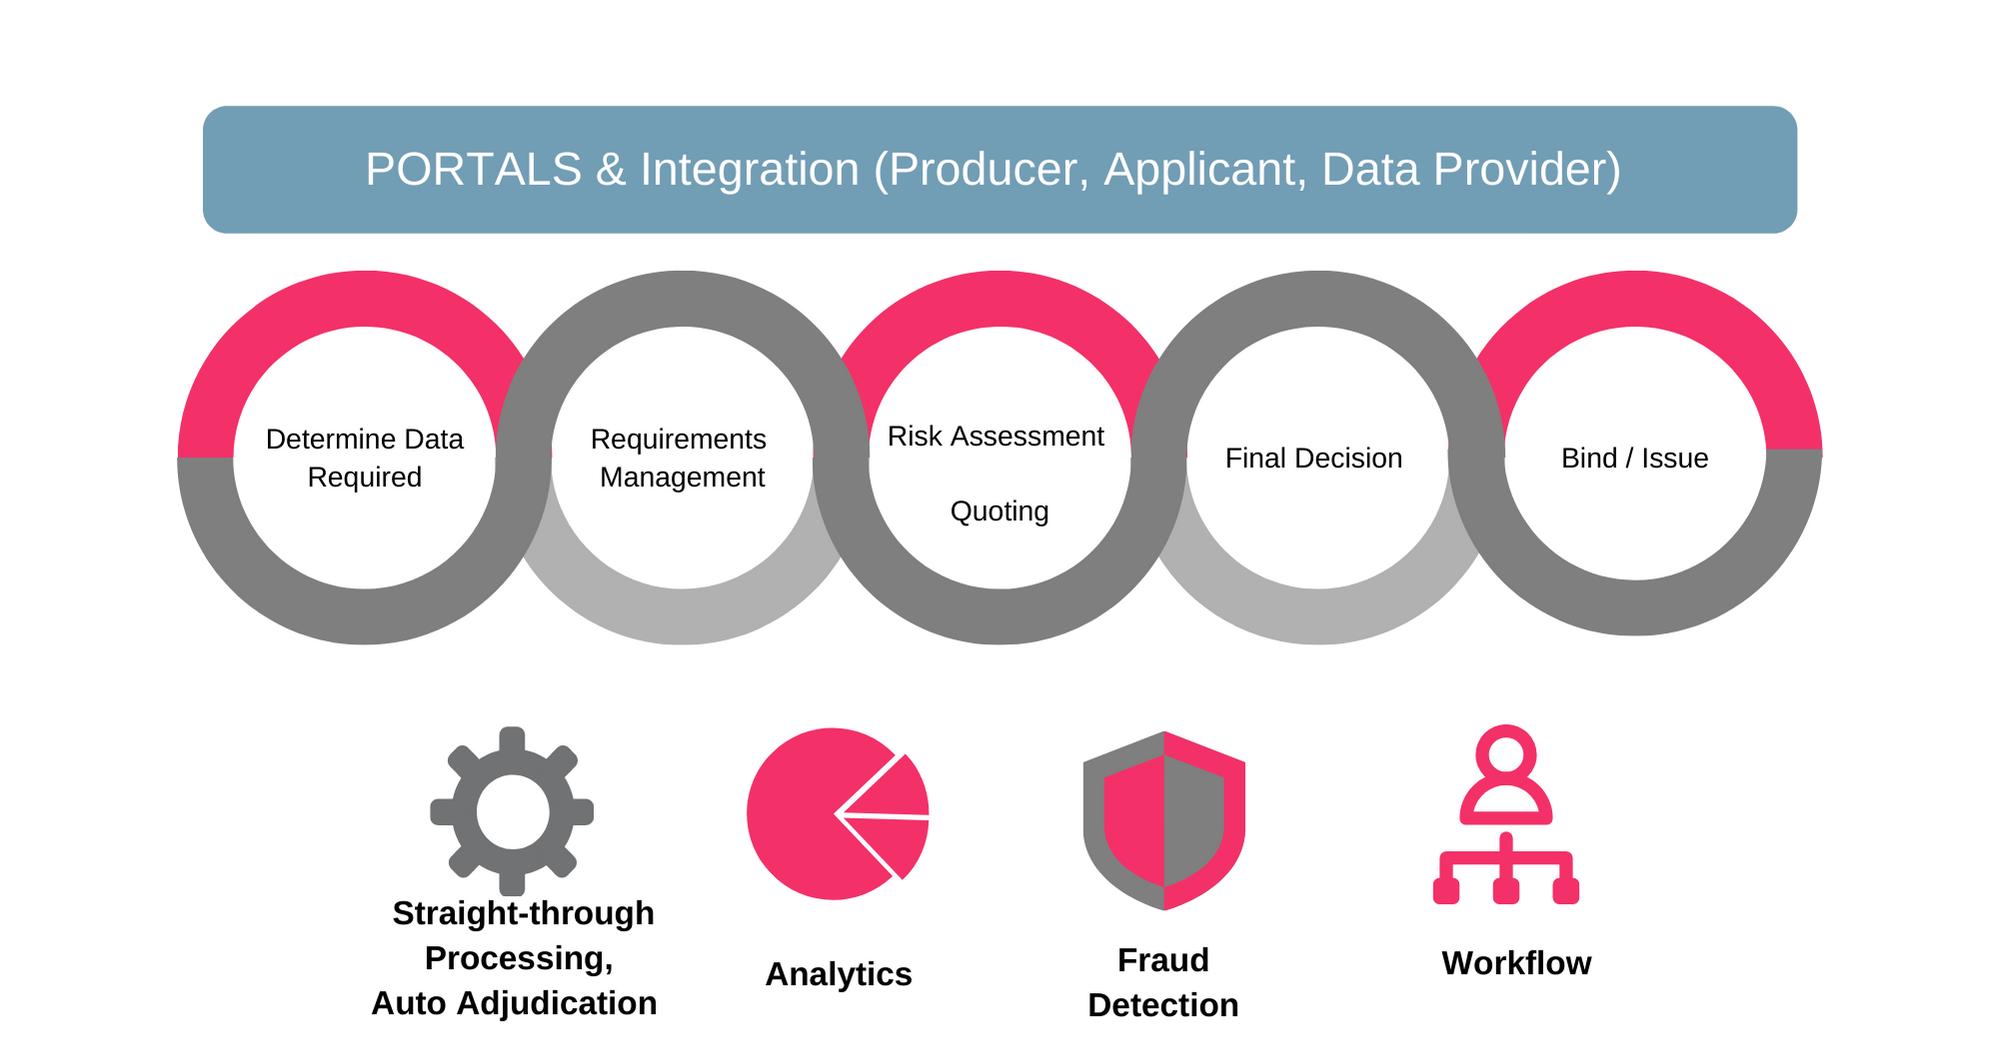 portals___integration__producer__applicant__data_provider___1_